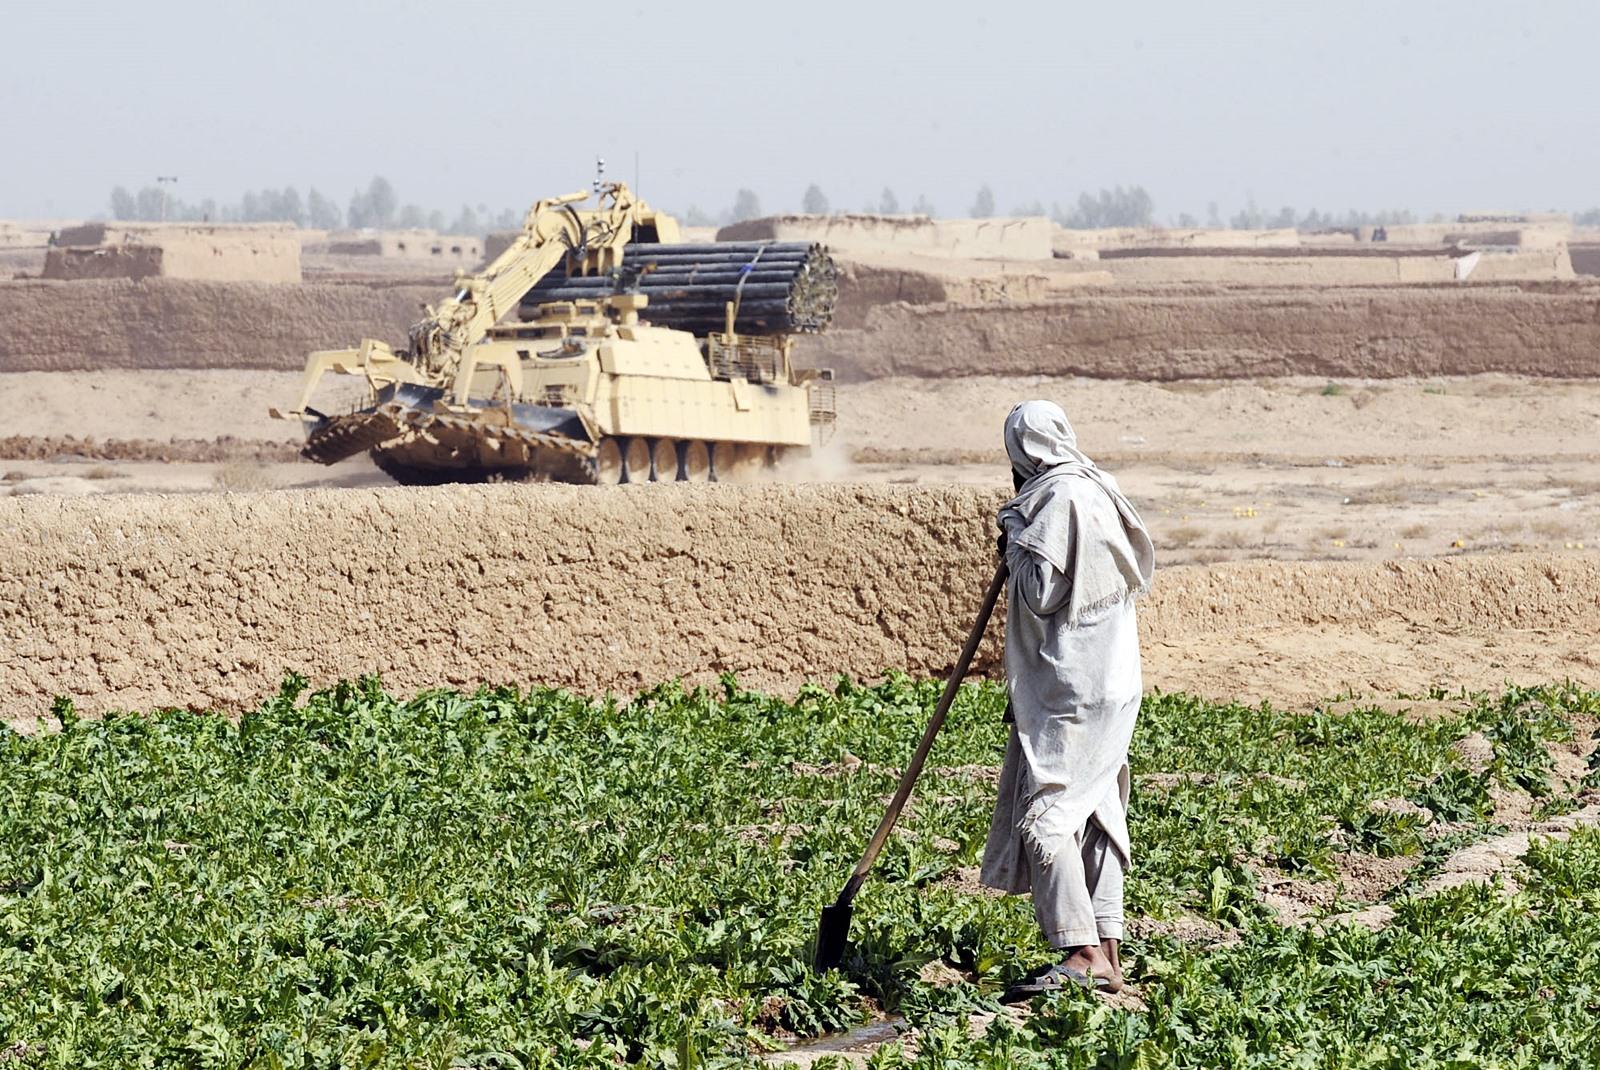 아프칸에서 활약하는 영국육군 Trojan 공병전차